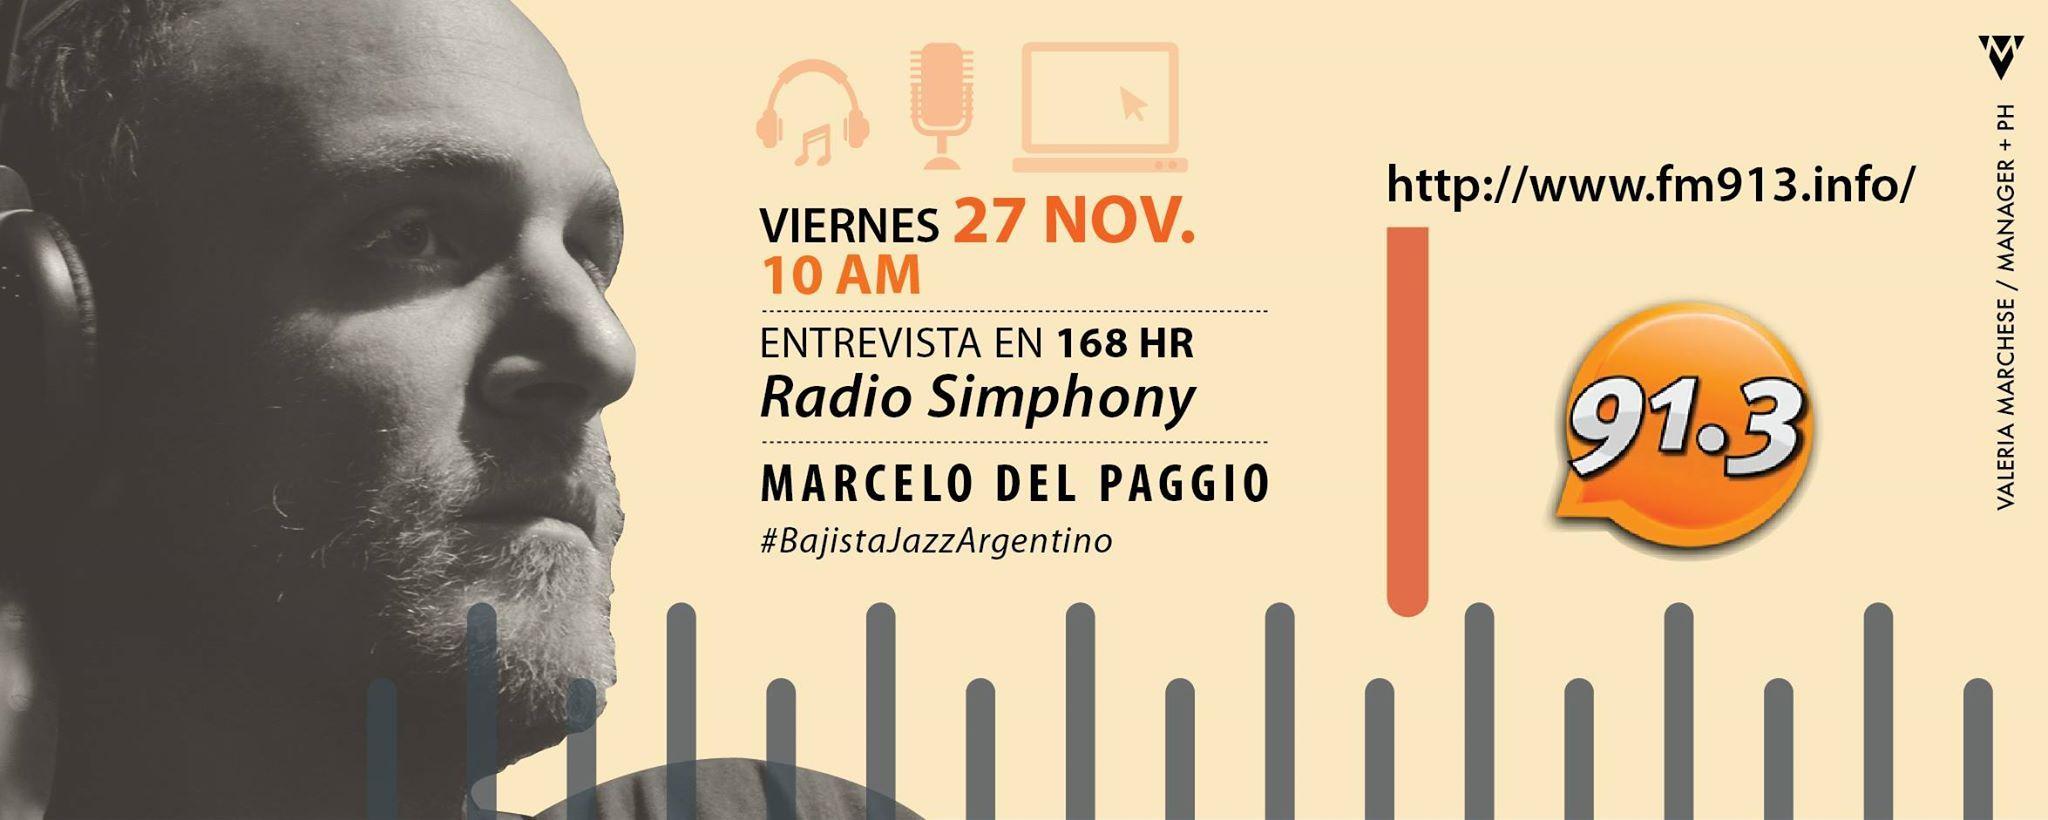 Radio Simphony - San Isidro Marcelo Del Paggio  Noviembre 2015